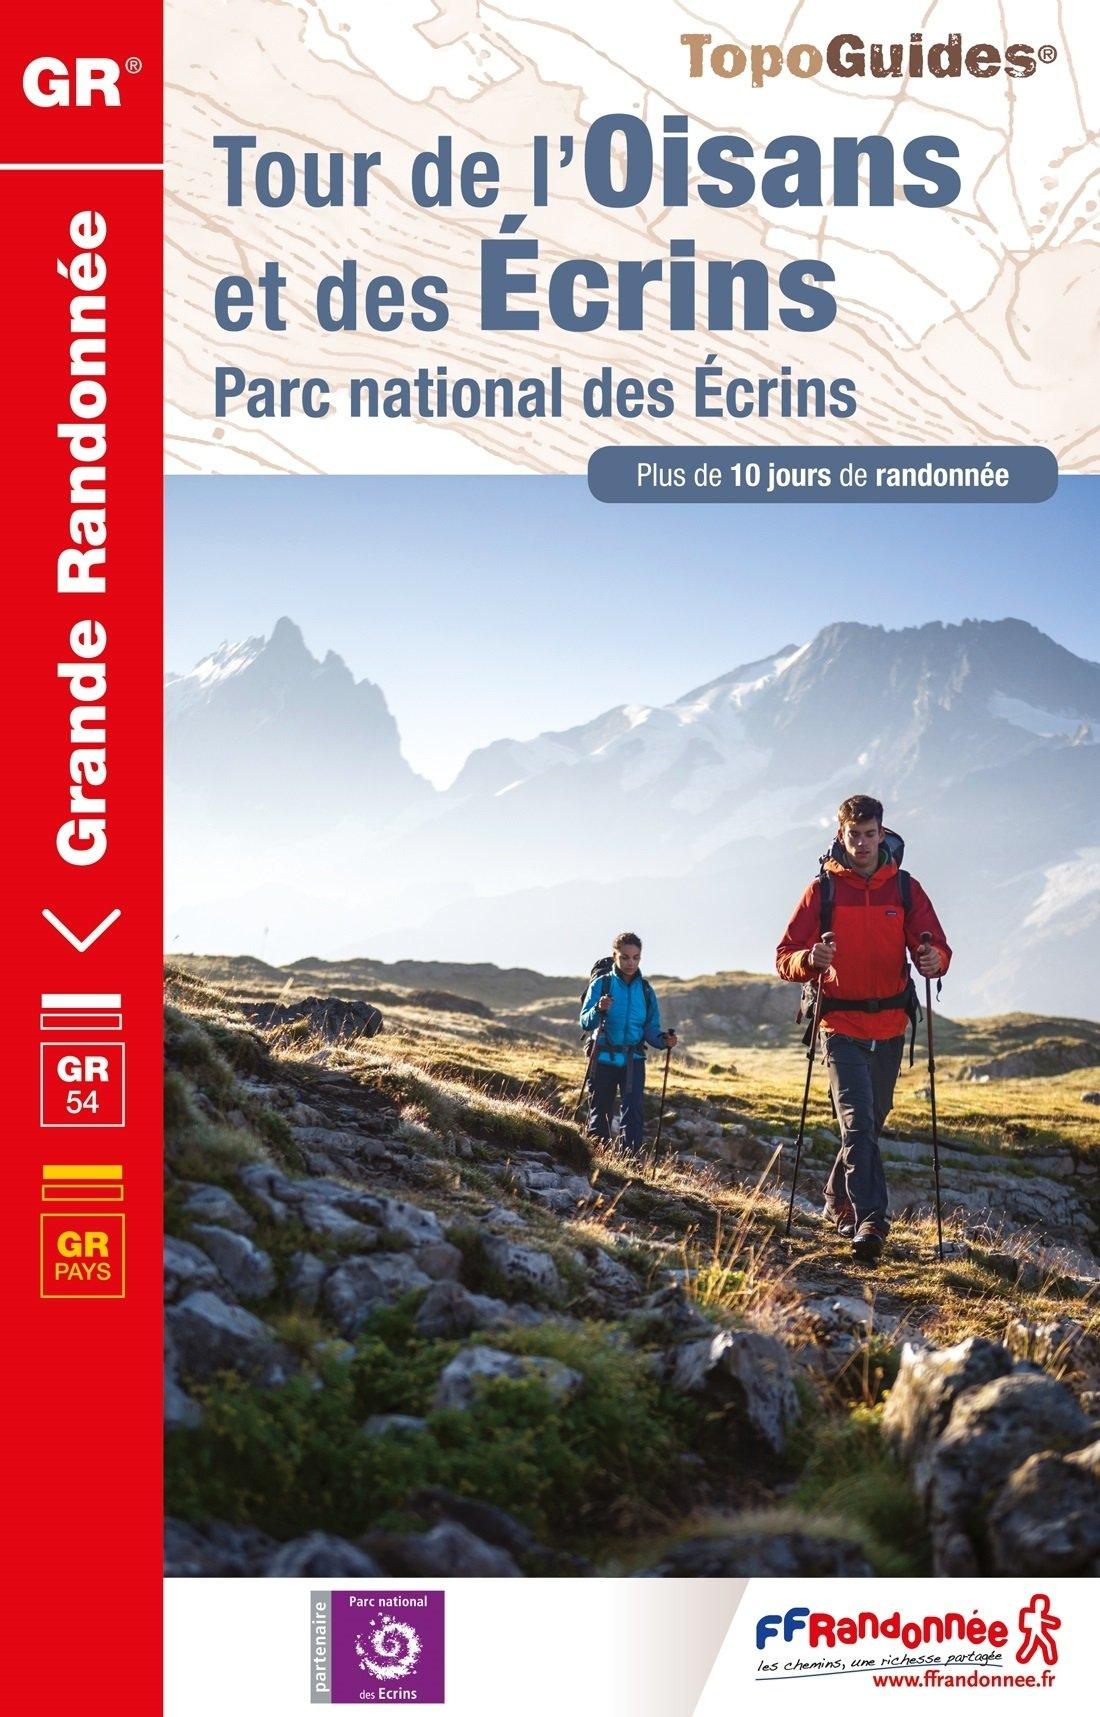 TG508  Tour de l'Oisans, Écrins | wandelgids GR-54 9782751409660  FFRP Topoguides  Meerdaagse wandelroutes, Wandelgidsen Franse Alpen: zuid